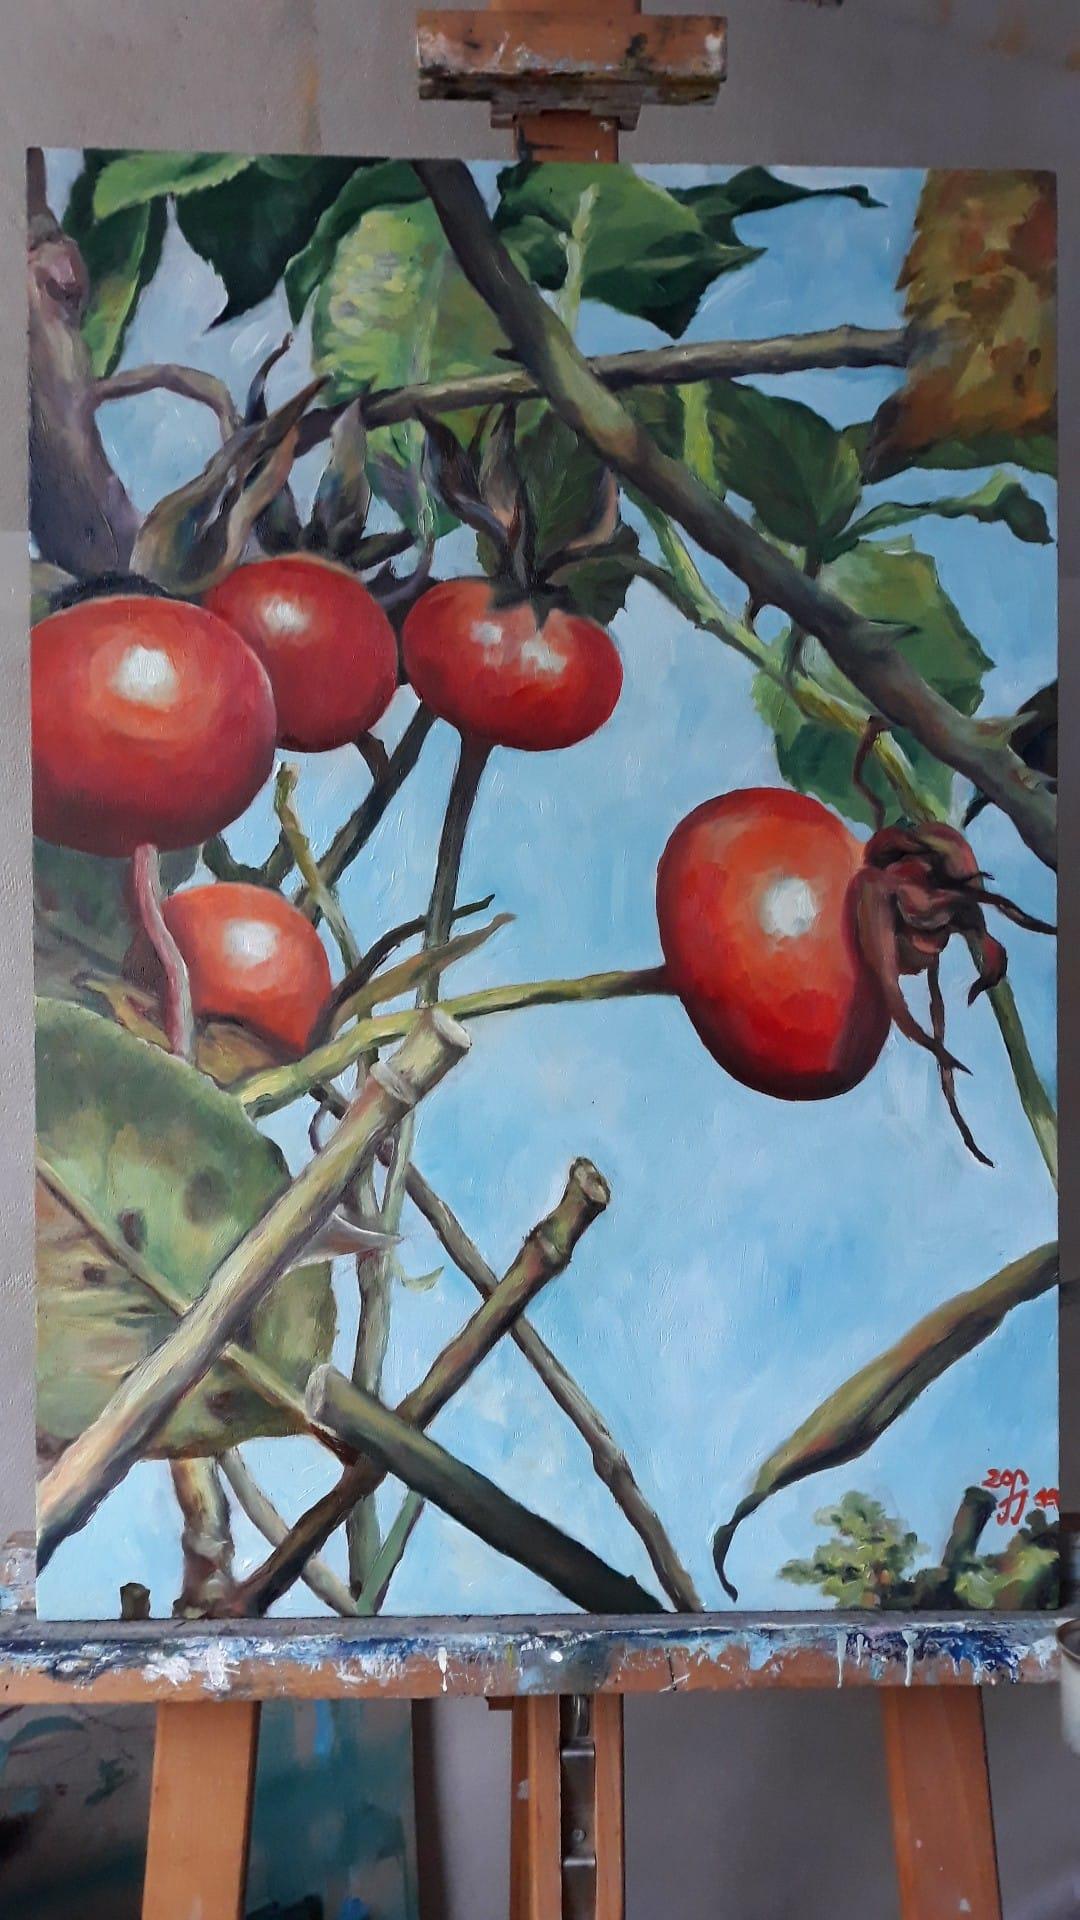 Hagebutten, frau jenson 2019, Ölmalerei auf Holz